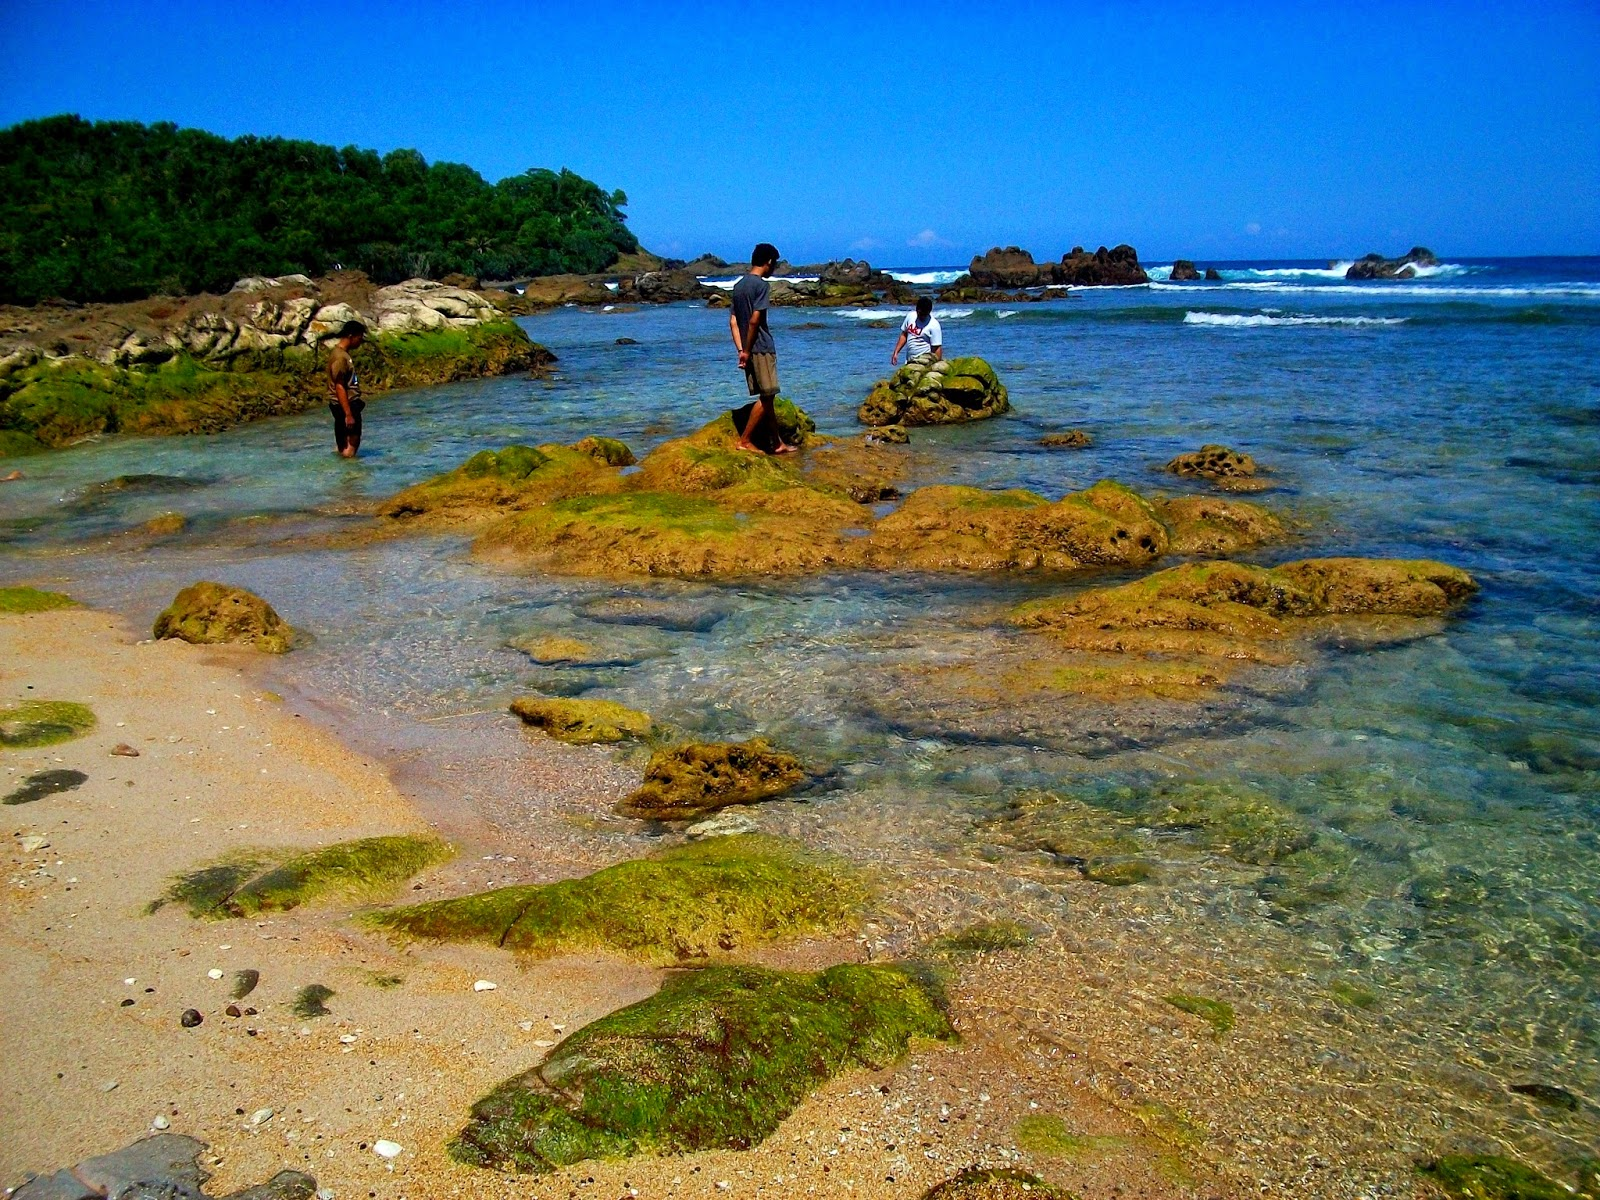 foto pantai wedi ombo wonosari yogyakarta